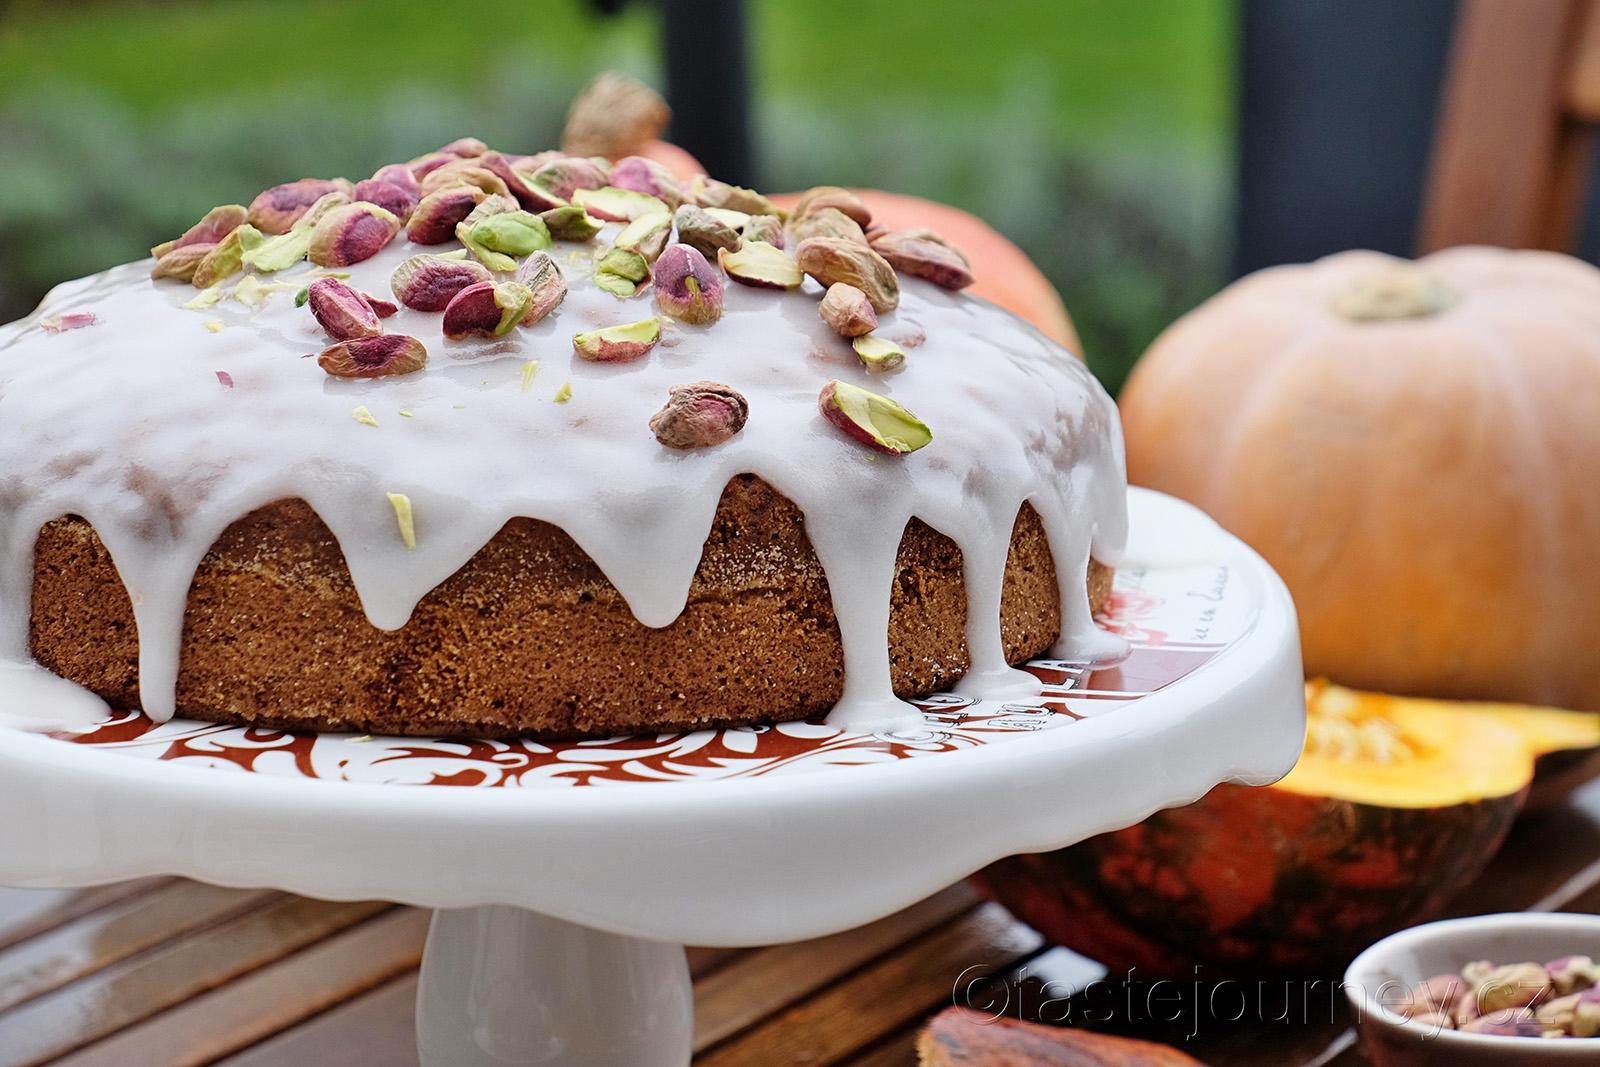 Voňavý, lahodný mrkvový dort s dýní a ořechy